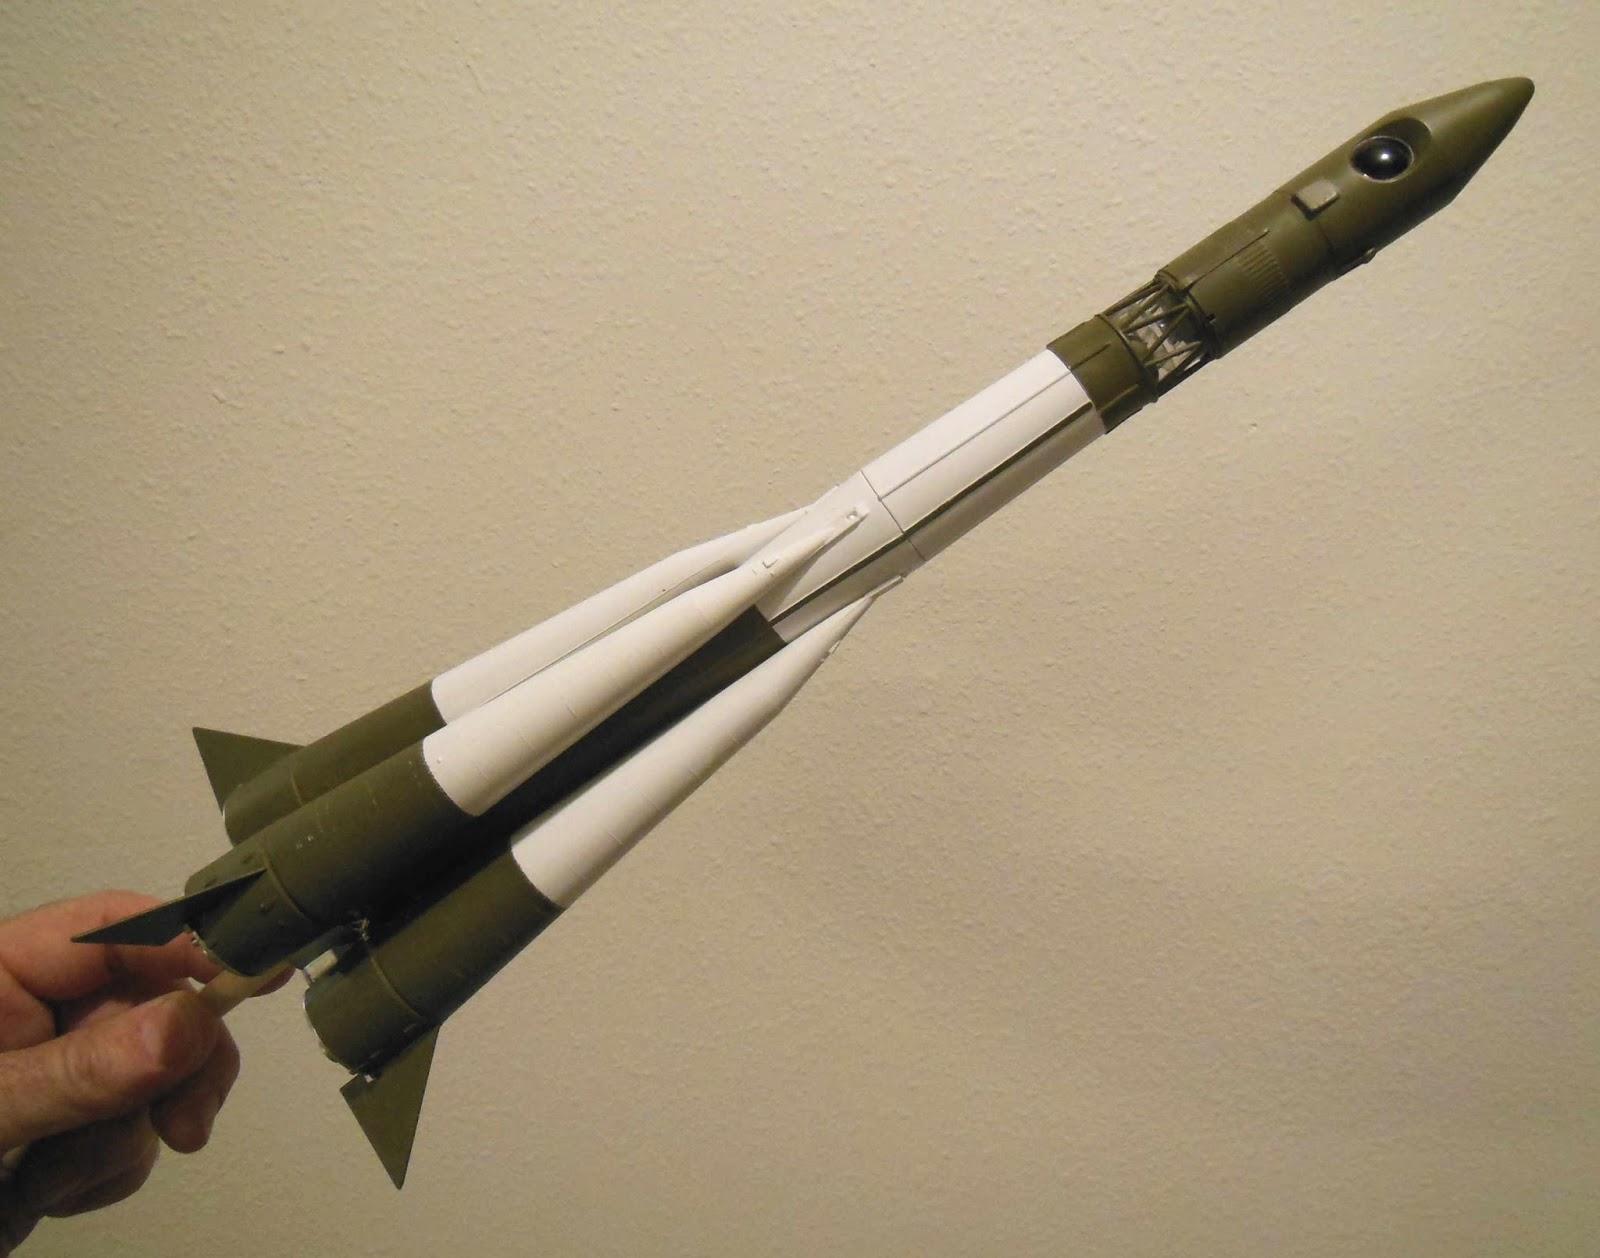 vostok rocket model - photo #5